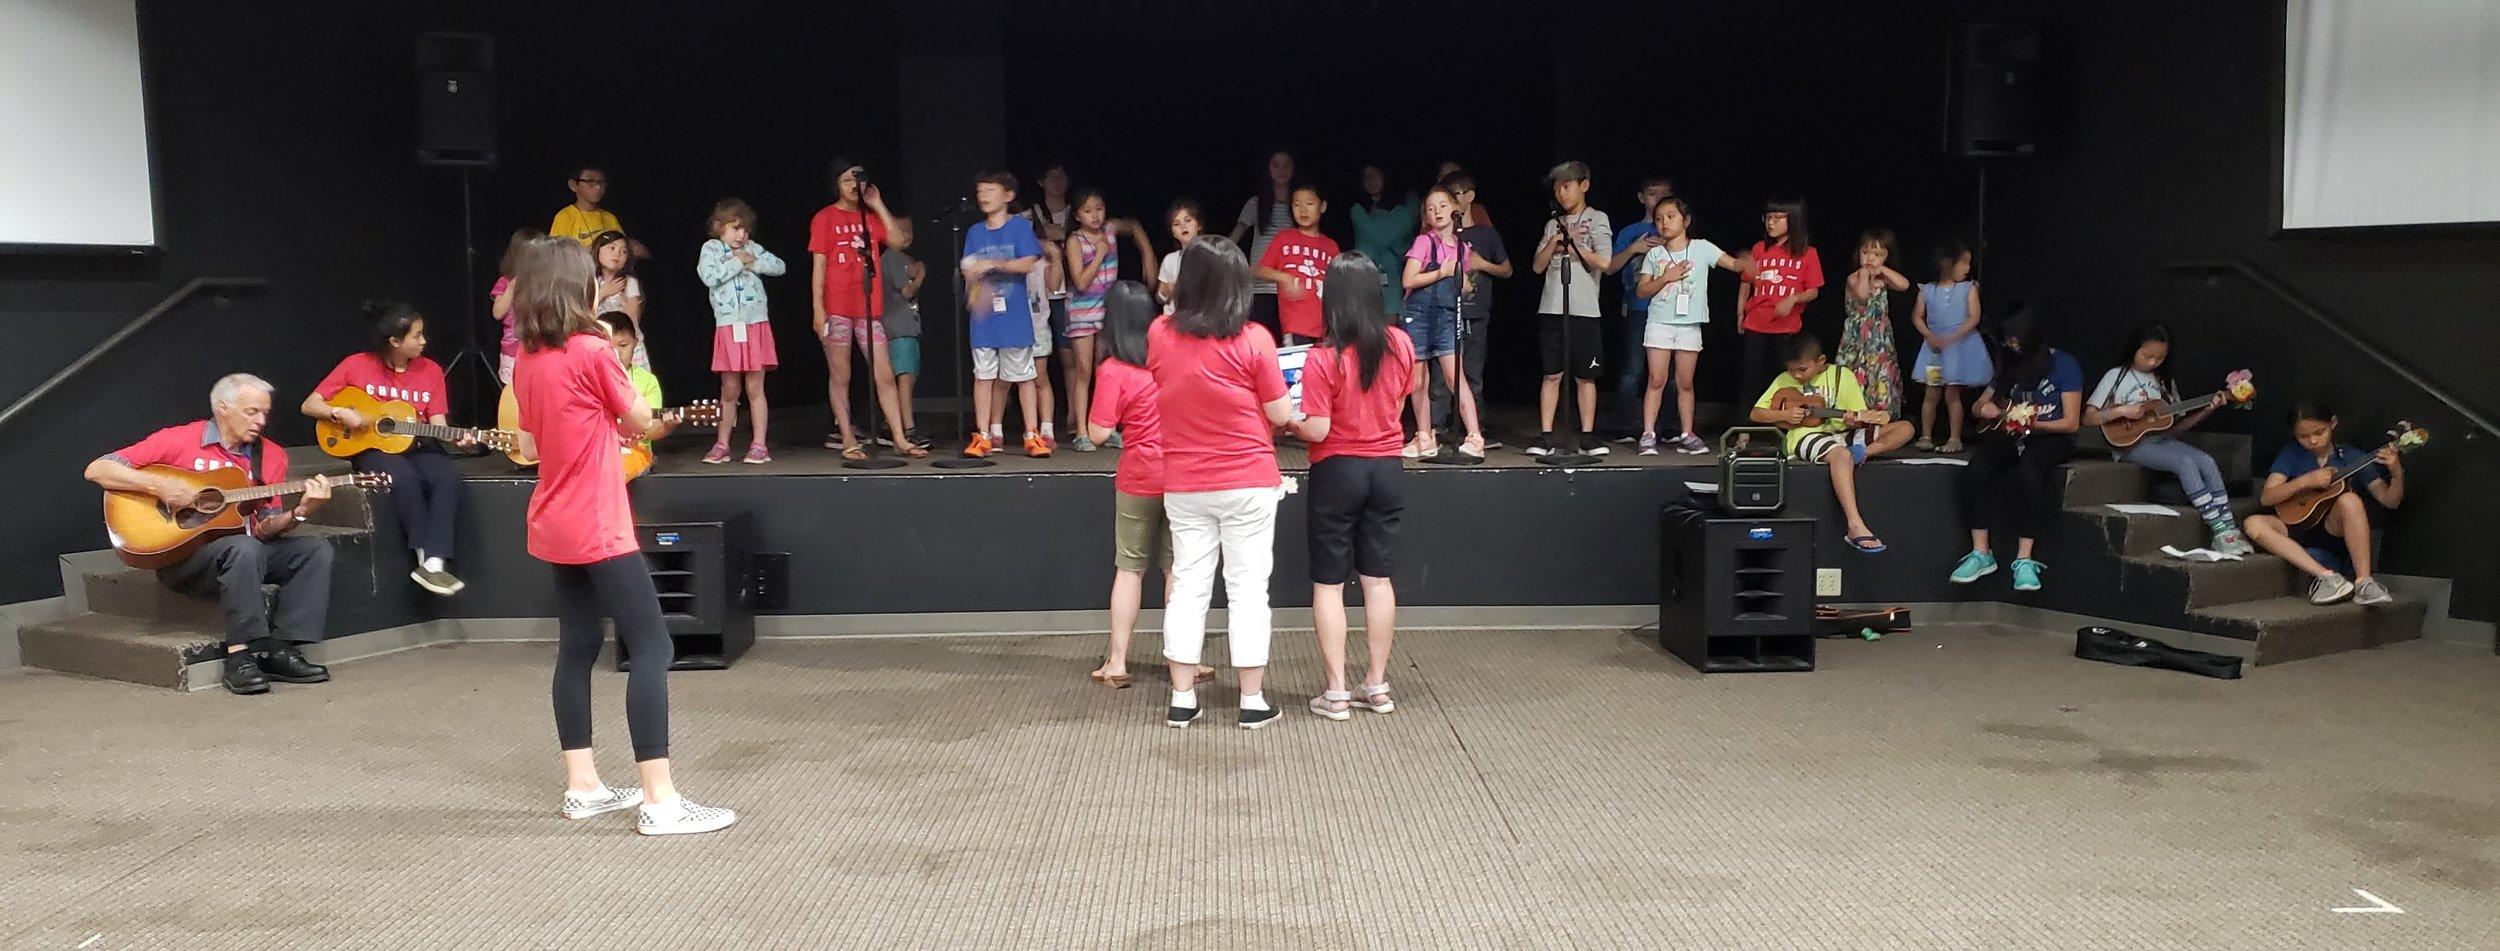 DressRehearsal_Singing.jpg